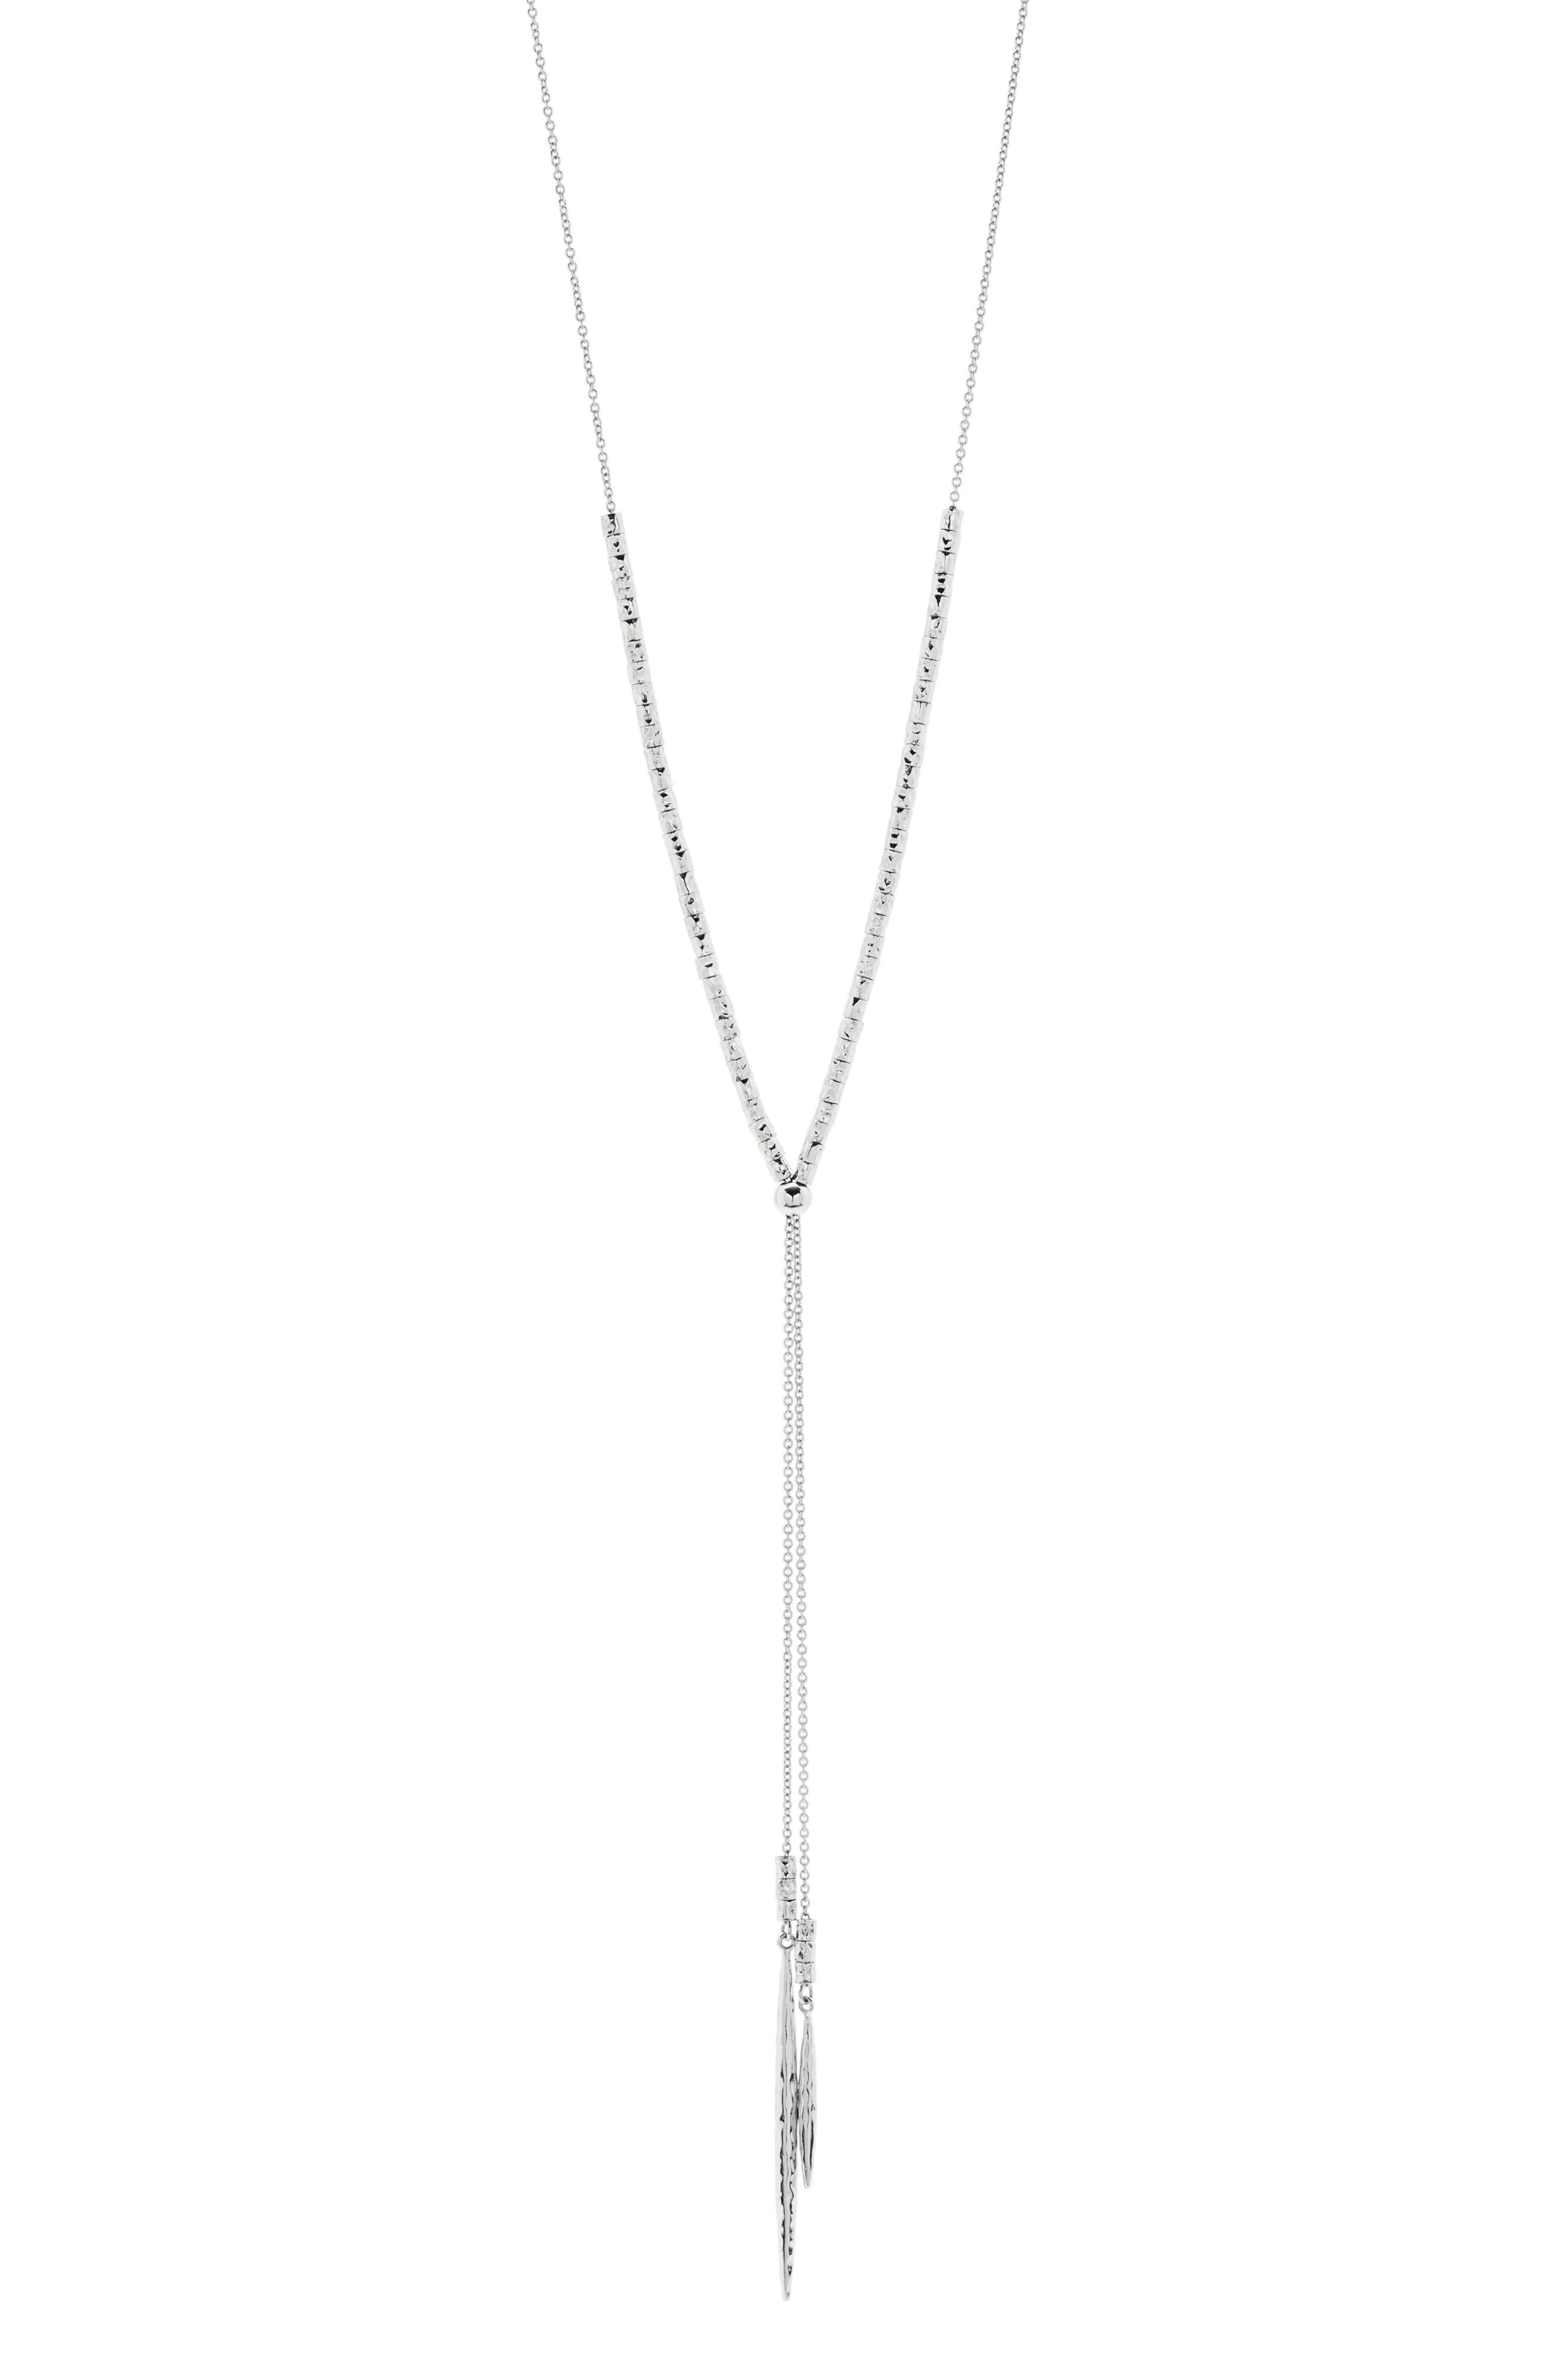 Alternate Image 1 Selected - gorjana Laguna Adjustable Lariat Necklace